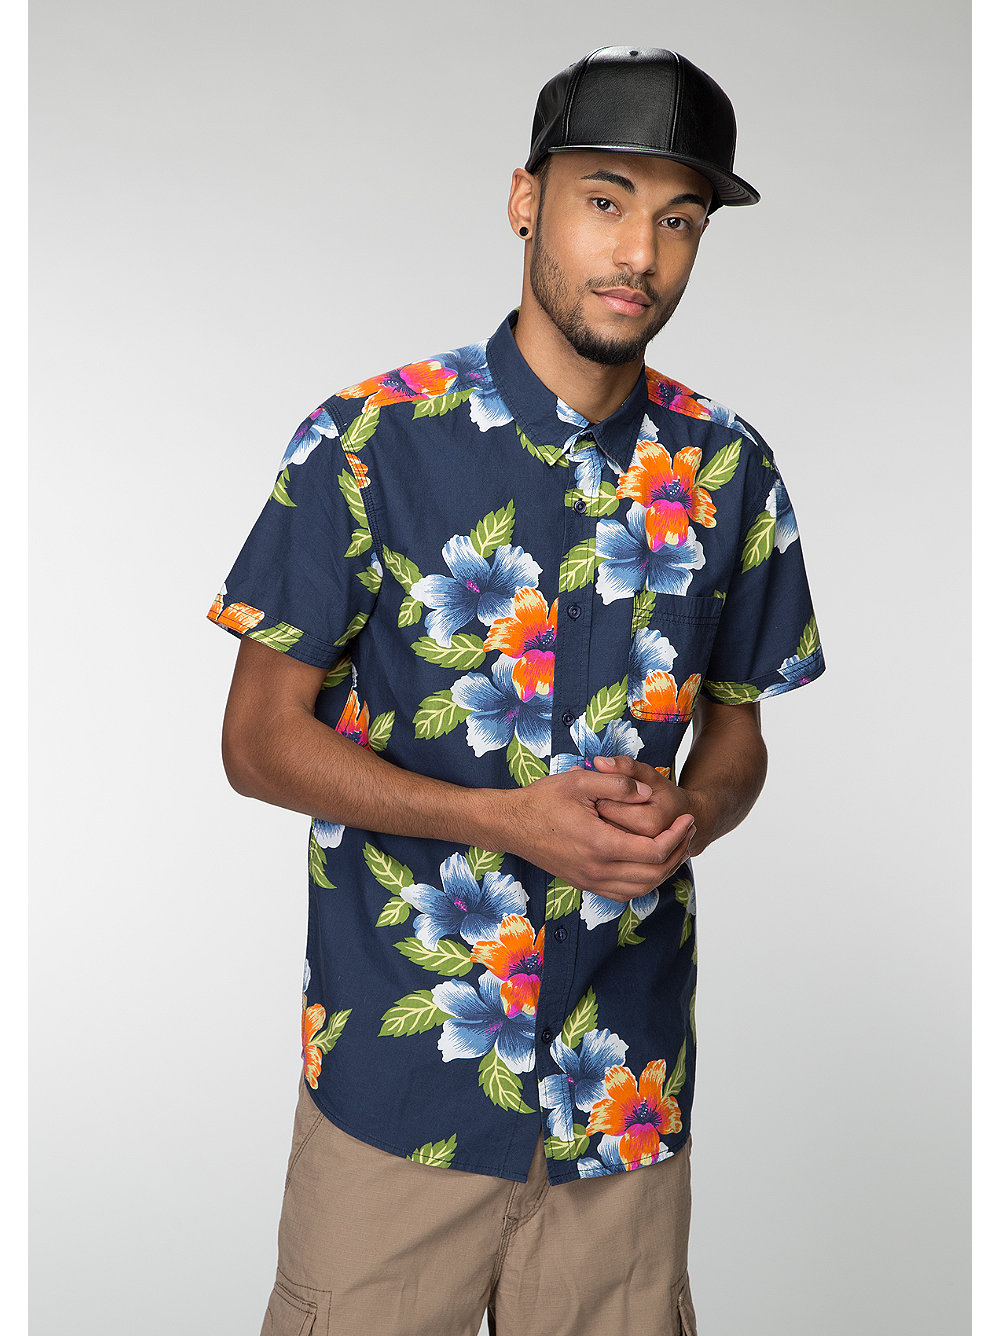 Future Past Hemd Hawaii navy/multi floral blau S,XL,M,L